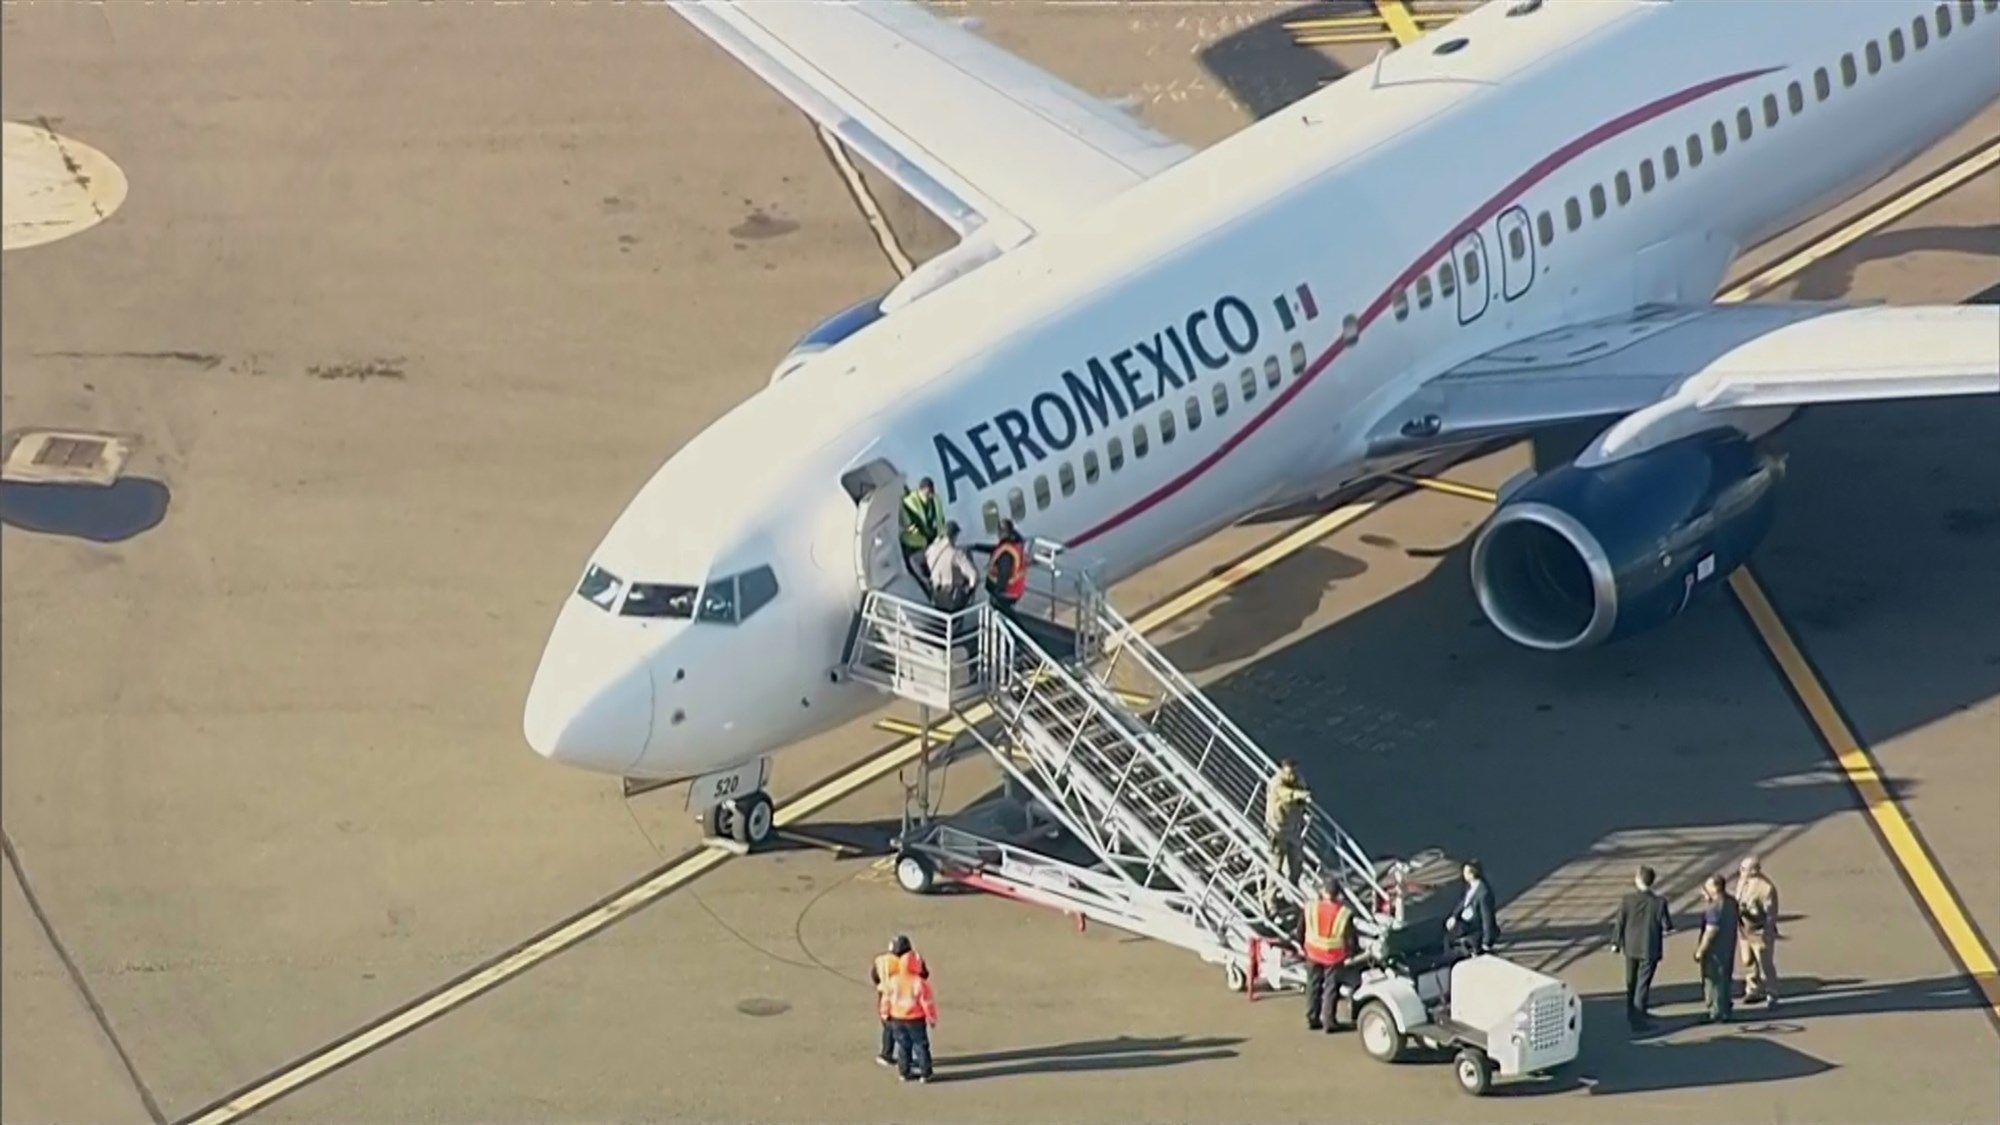 墨航航班备降奥克兰 延误数小时后乘客发飙被捕